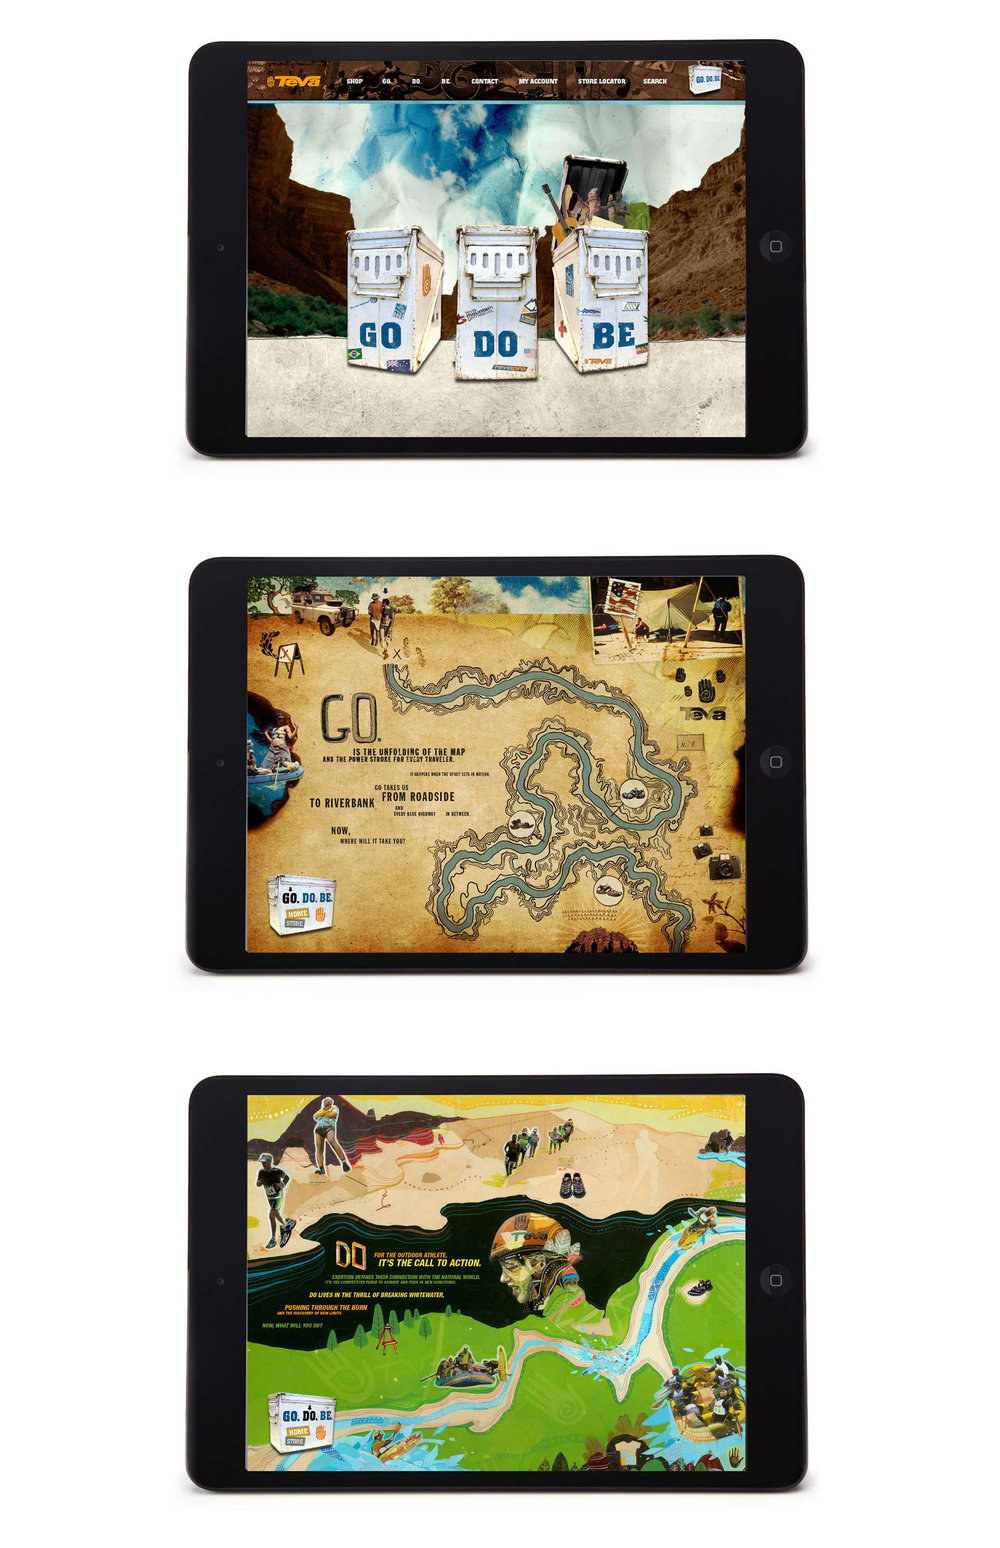 GoDoBe_iPad_2500px_2000_c.jpg